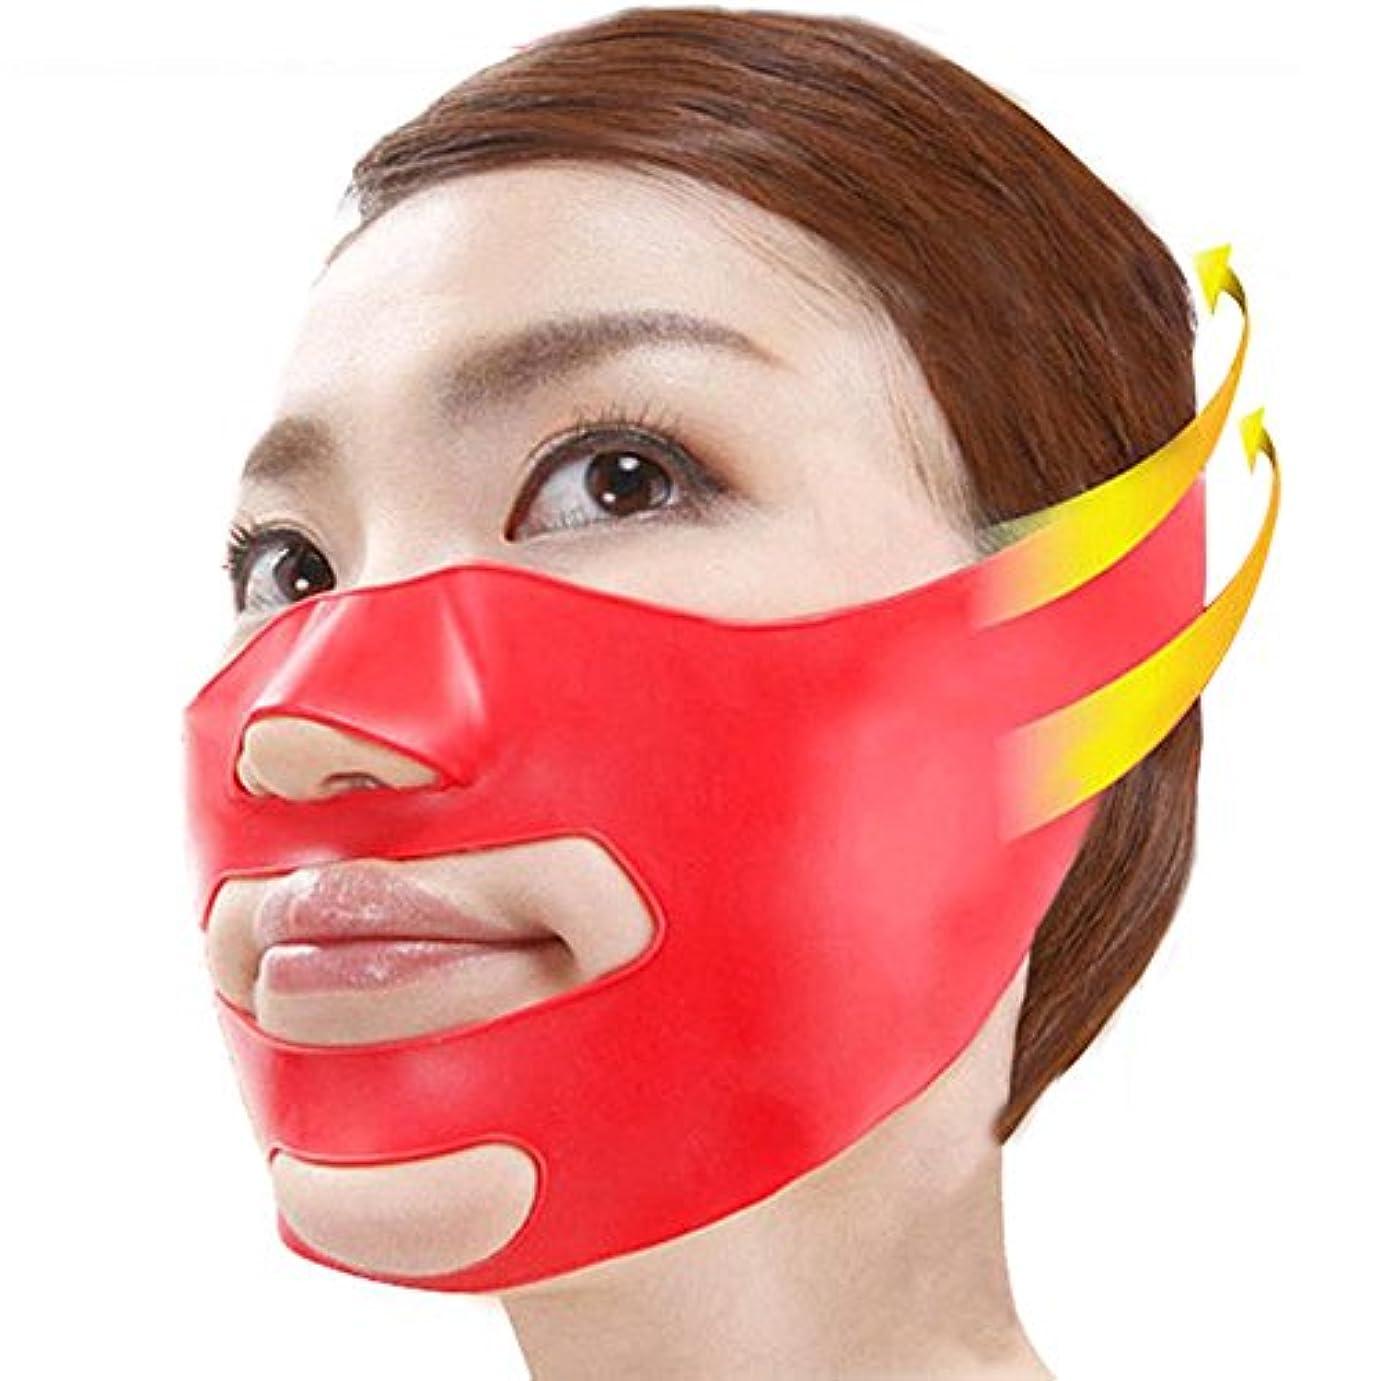 エラー市長波紋3D 小顔 マッサージグッズ フェイスマスク 美容 顔痩せ ほうれい線 消す グッズ 美顔 矯正 (フリーサイズ, レッド)